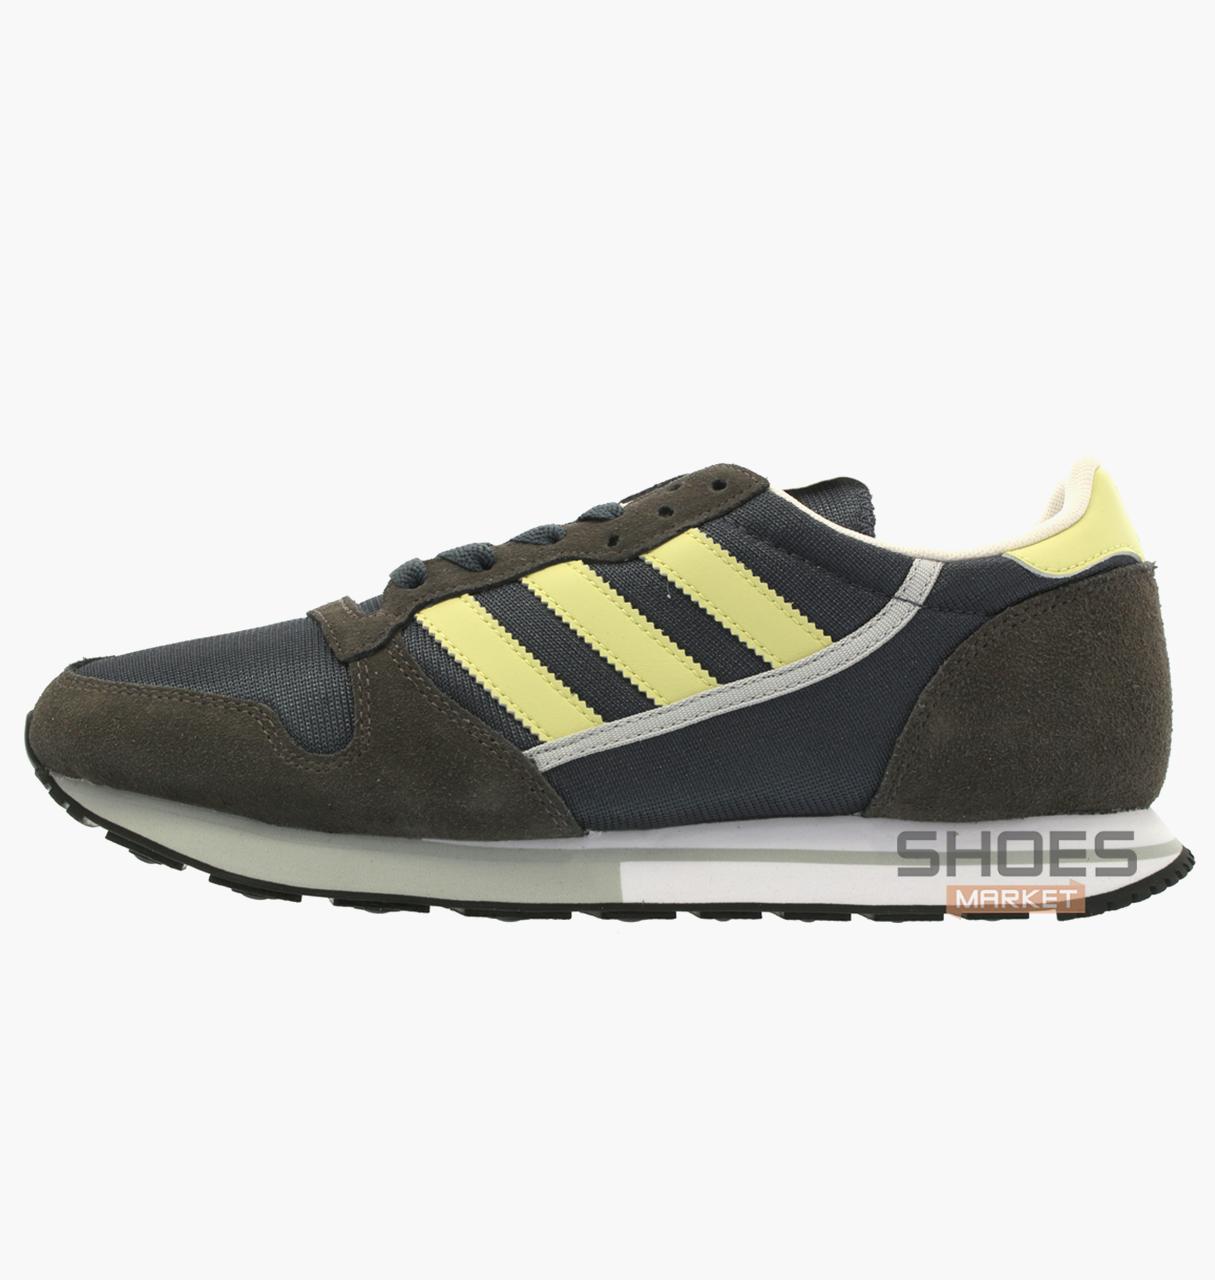 a218dddce Мужские кроссовки Adidas ZX 280 SPZL Shoes Cream DA8750